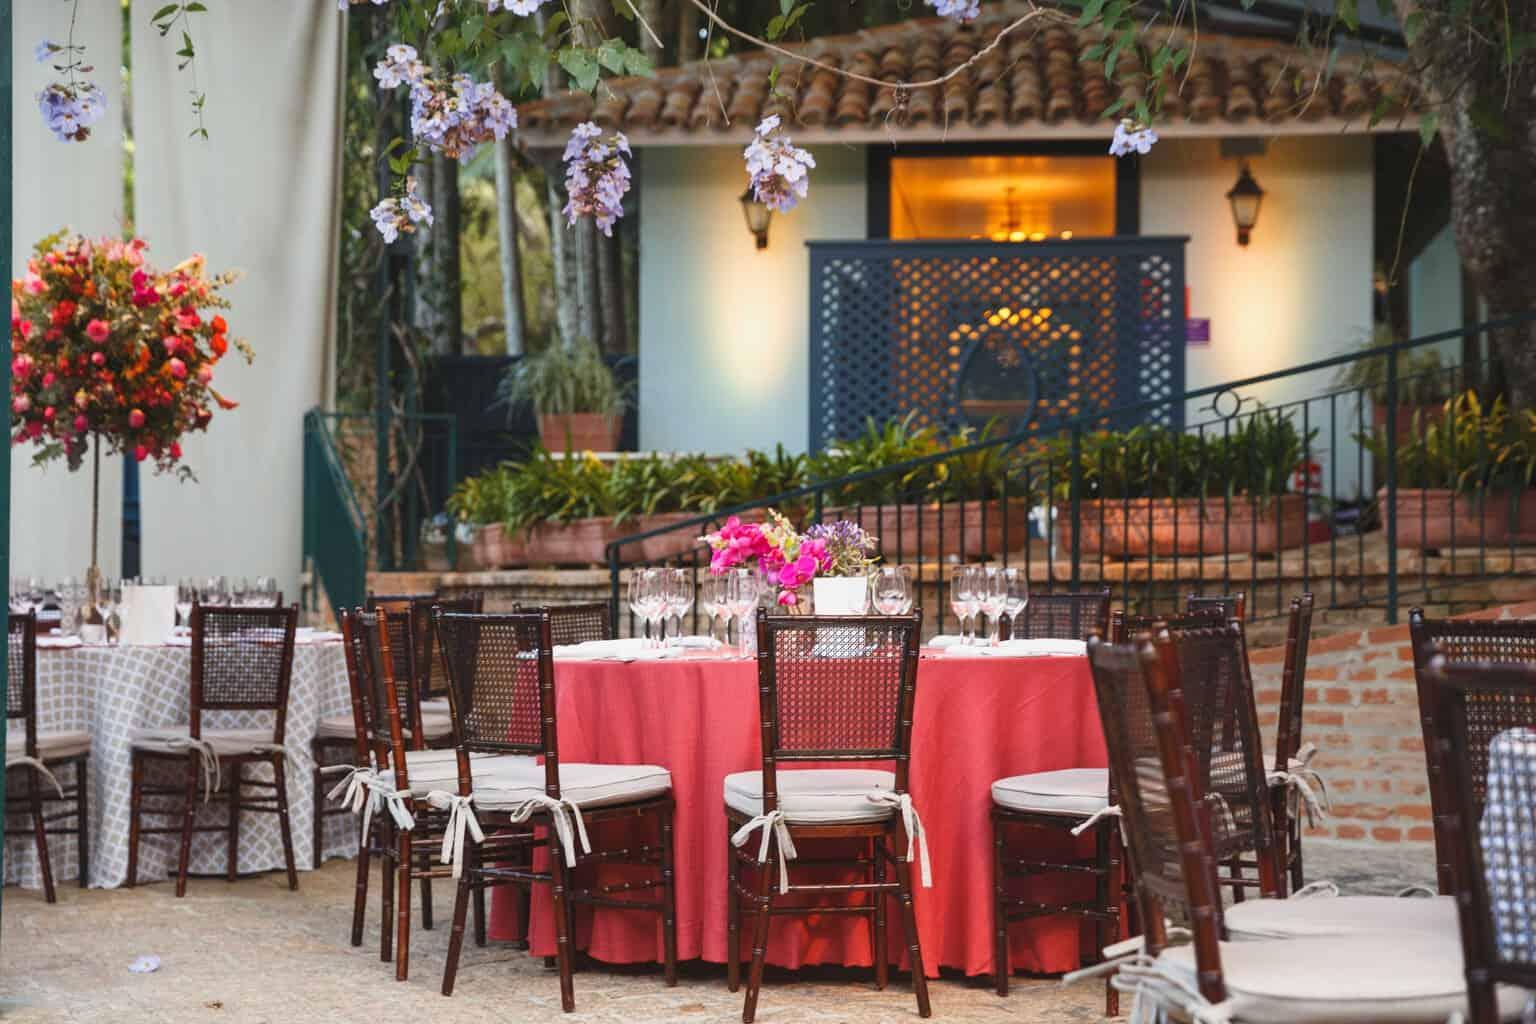 casamento-na-Fazenda-Vila-Rica-cerimonial-Ana-Paula-Tabet-decoracao-colorida-Fotografia-Euka-Weddings-Renata-e-Gabriel37